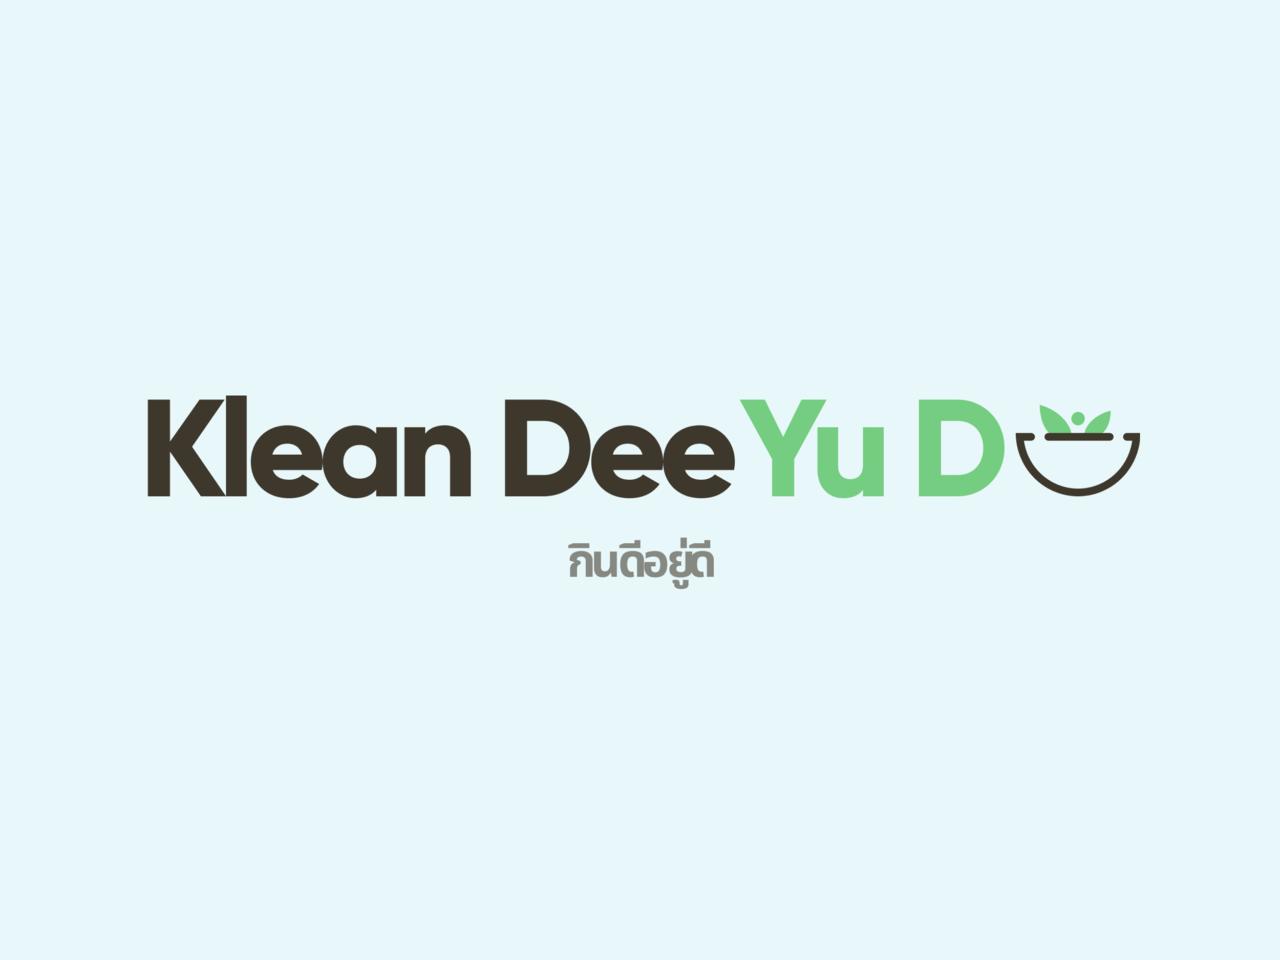 Klean Dee Yu D